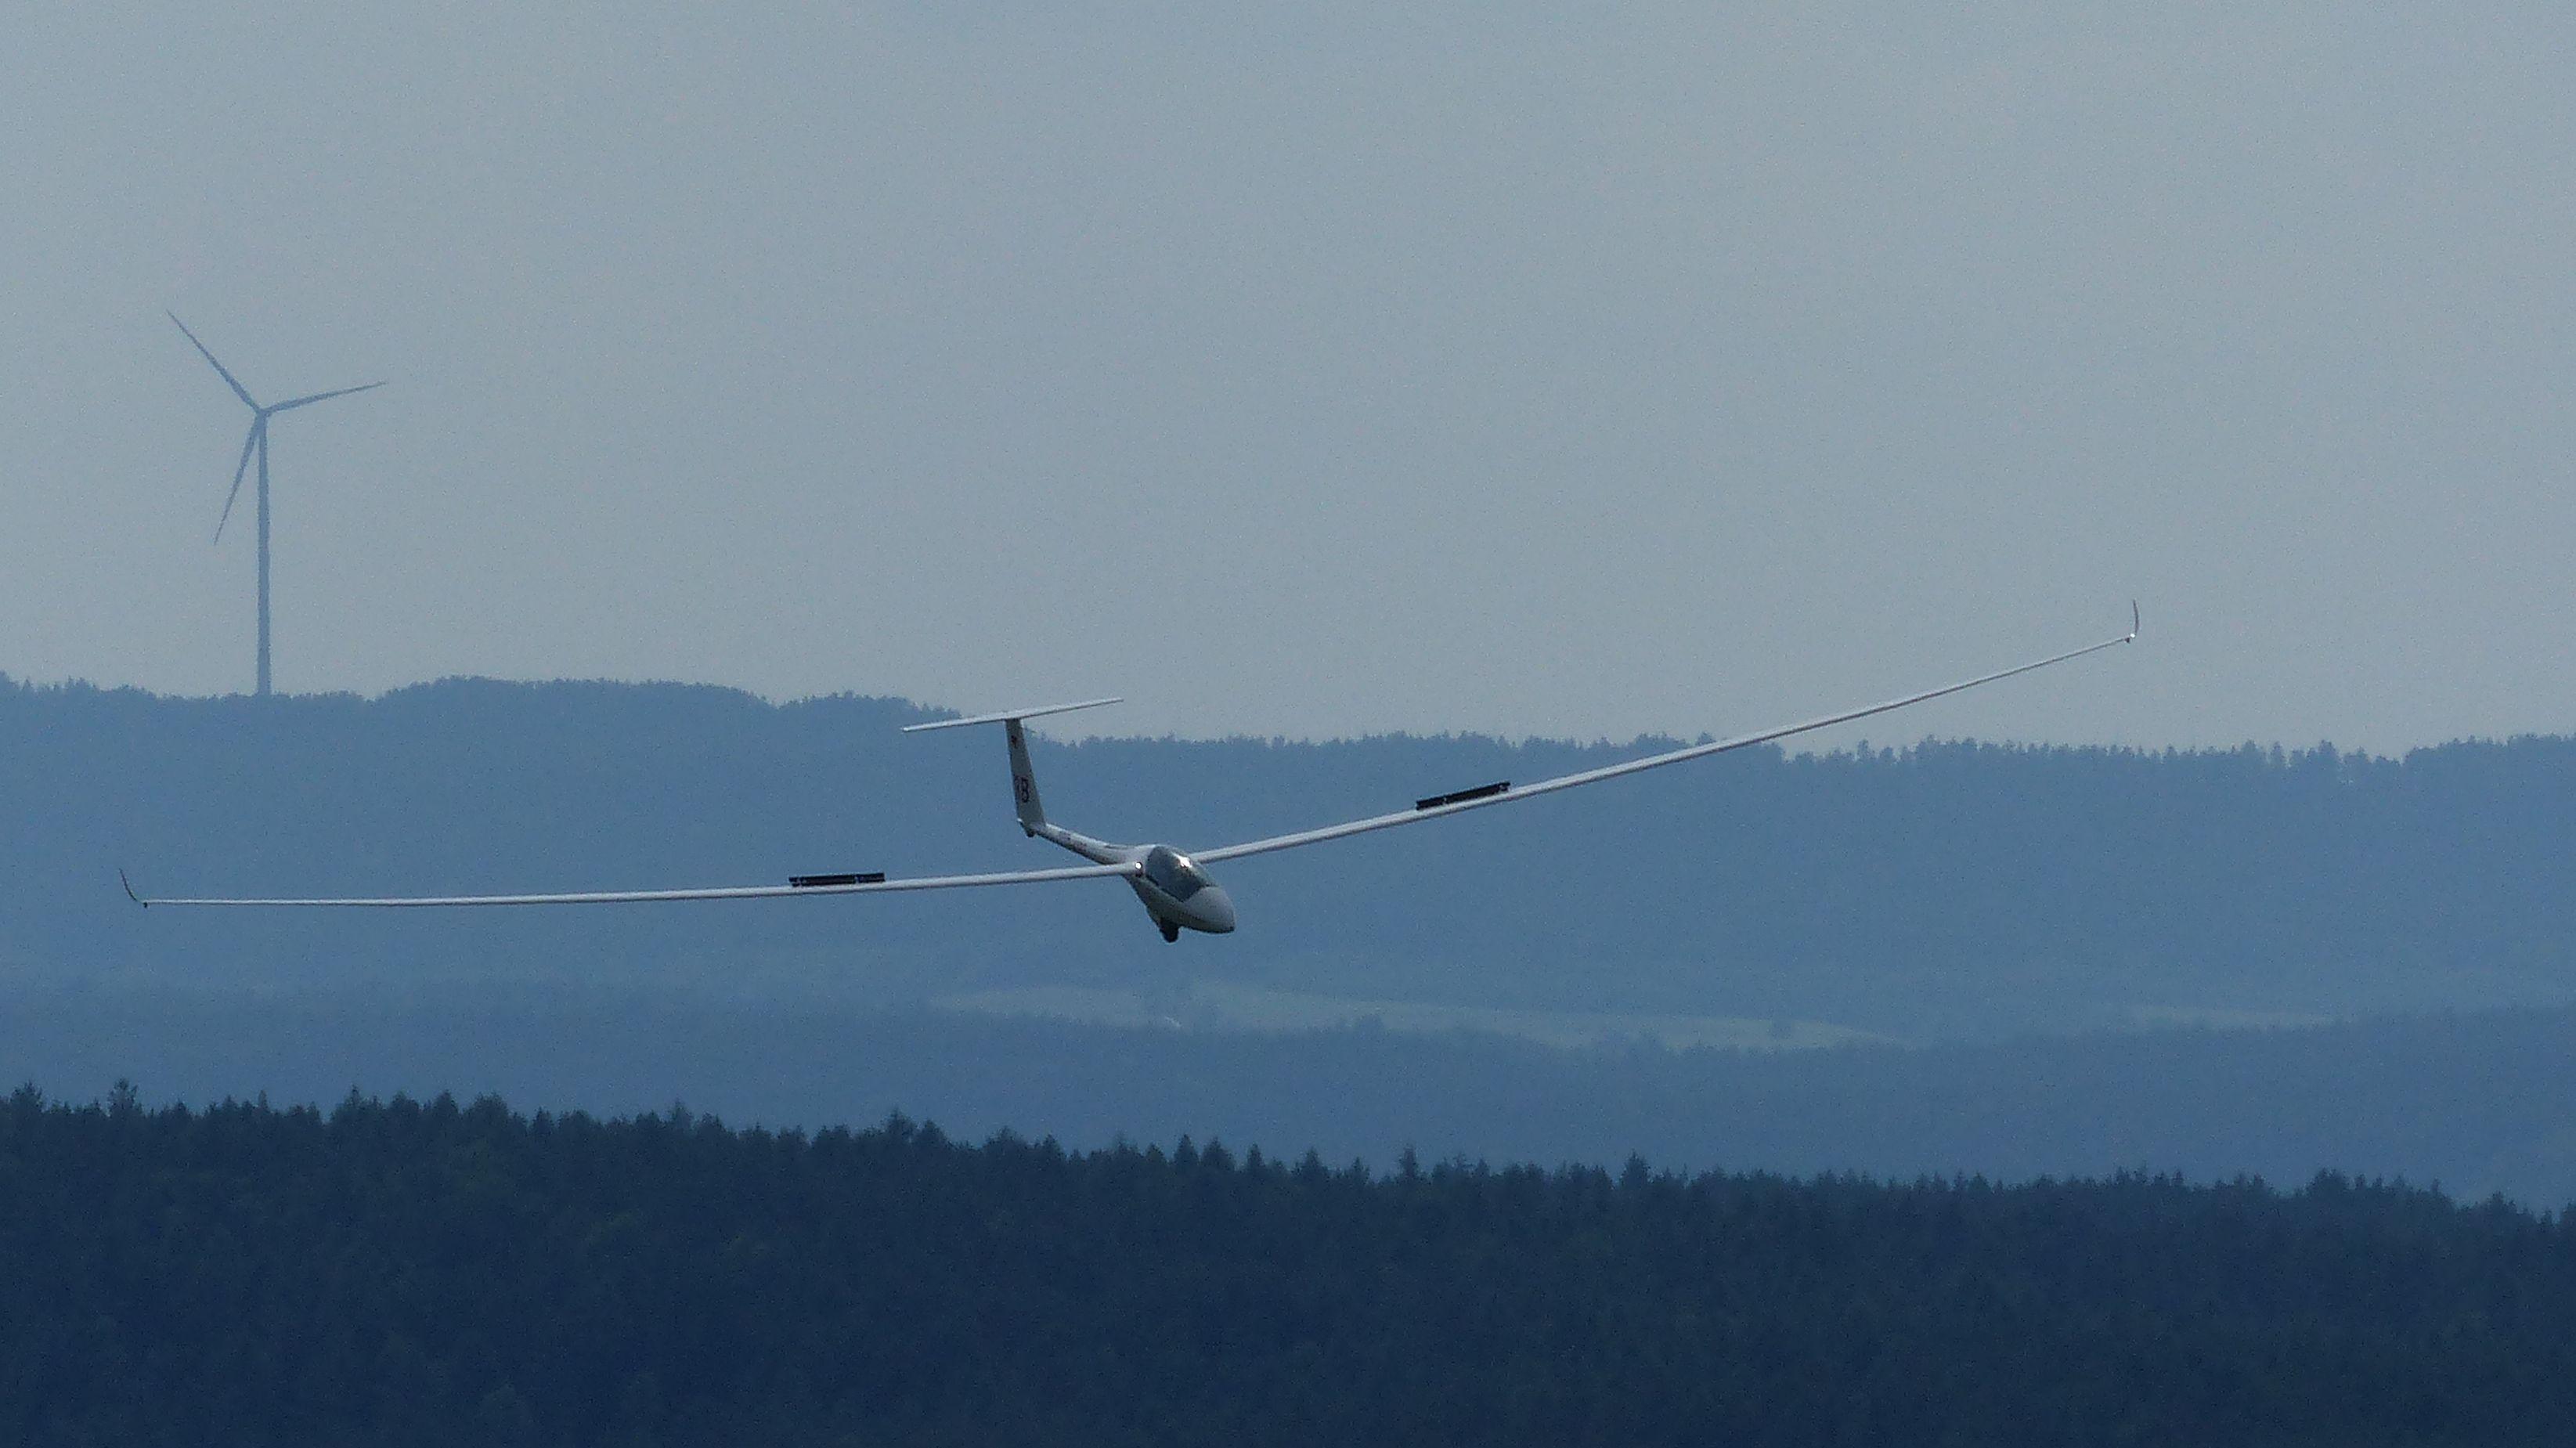 Ein Segelflugzeug in der Luft